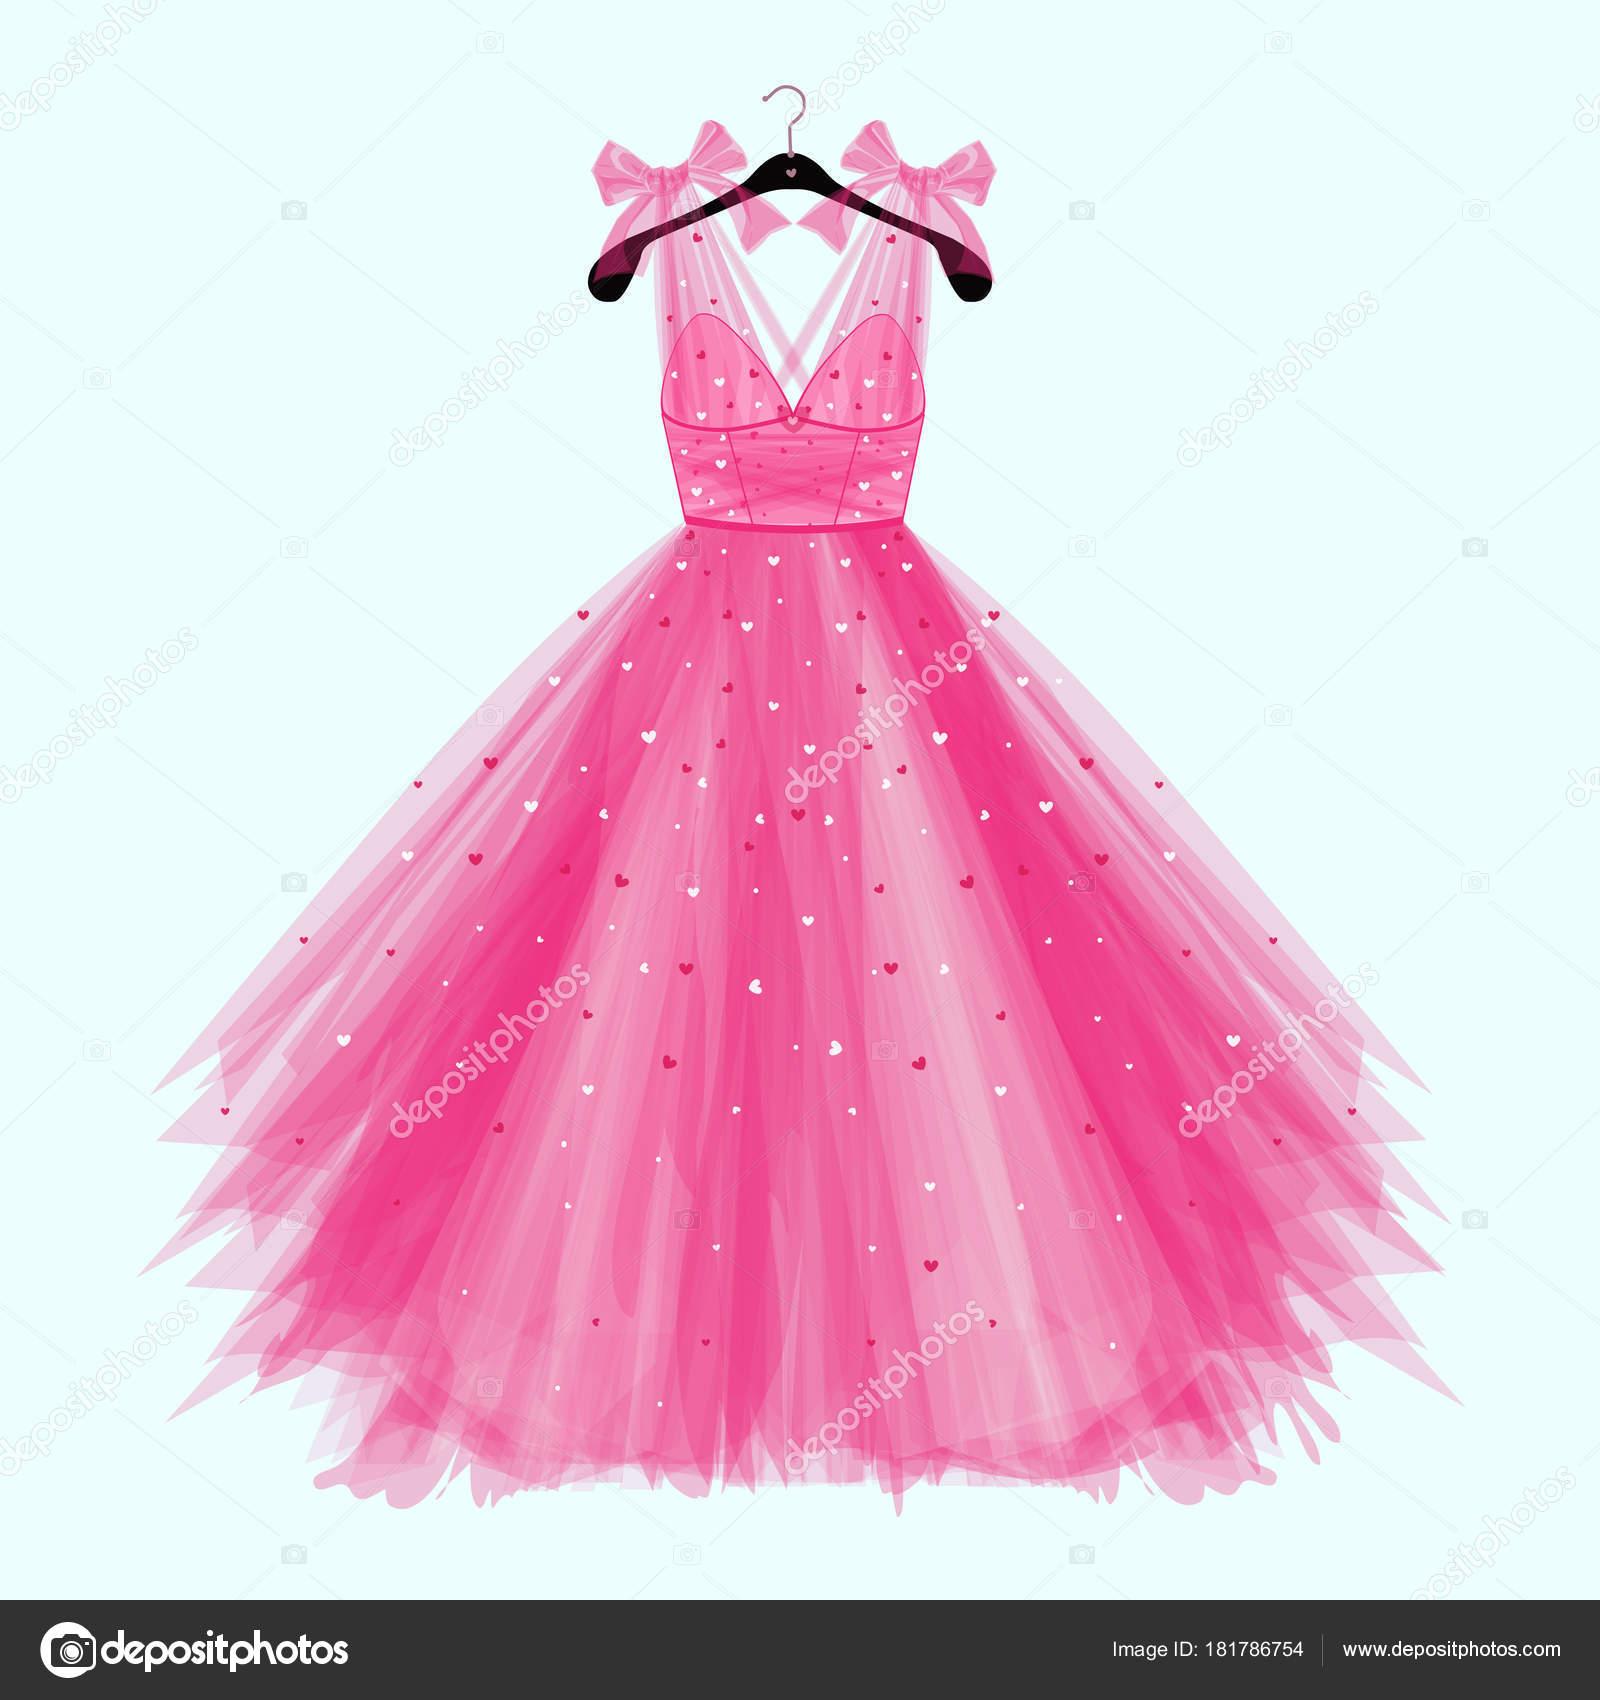 Fiesta Cumpleaños Color Rosa Vestido Con Arco Ilustración Modas Para ...